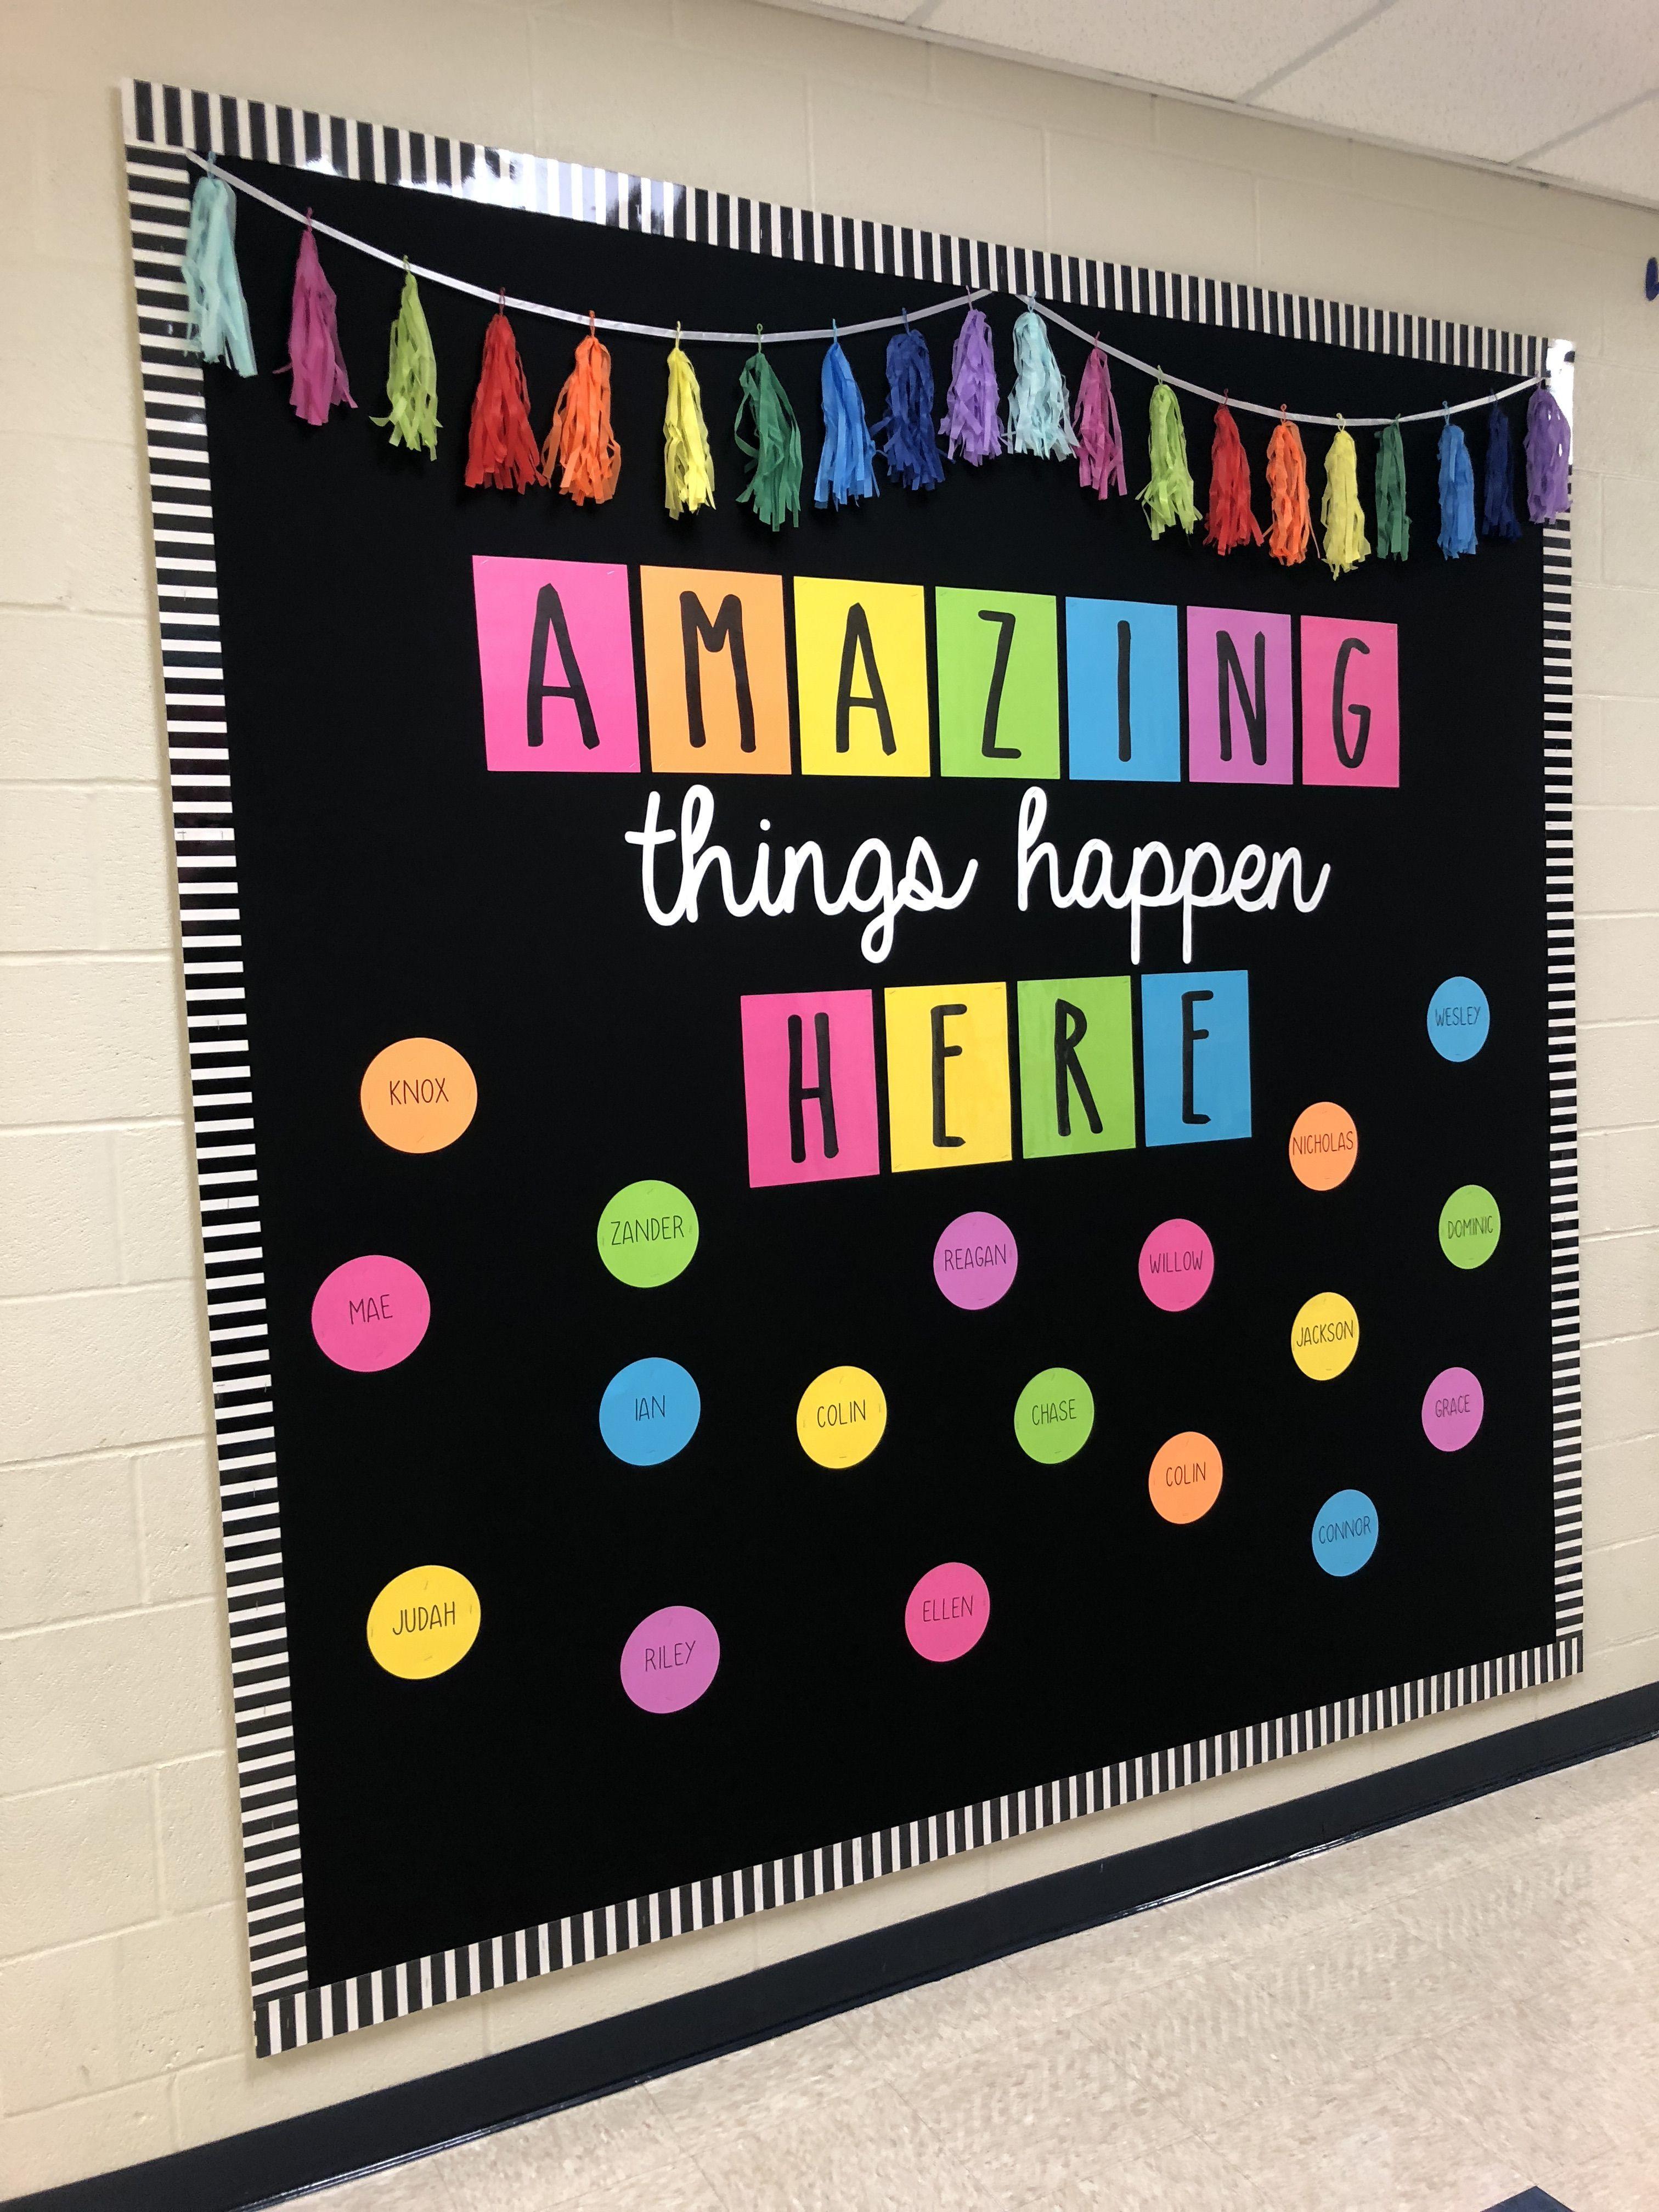 35 Excellent Diy Classroom Decoration Ideas Themes To Inspire You Diy Classroom Decorations Classroom Board Diy Classroom